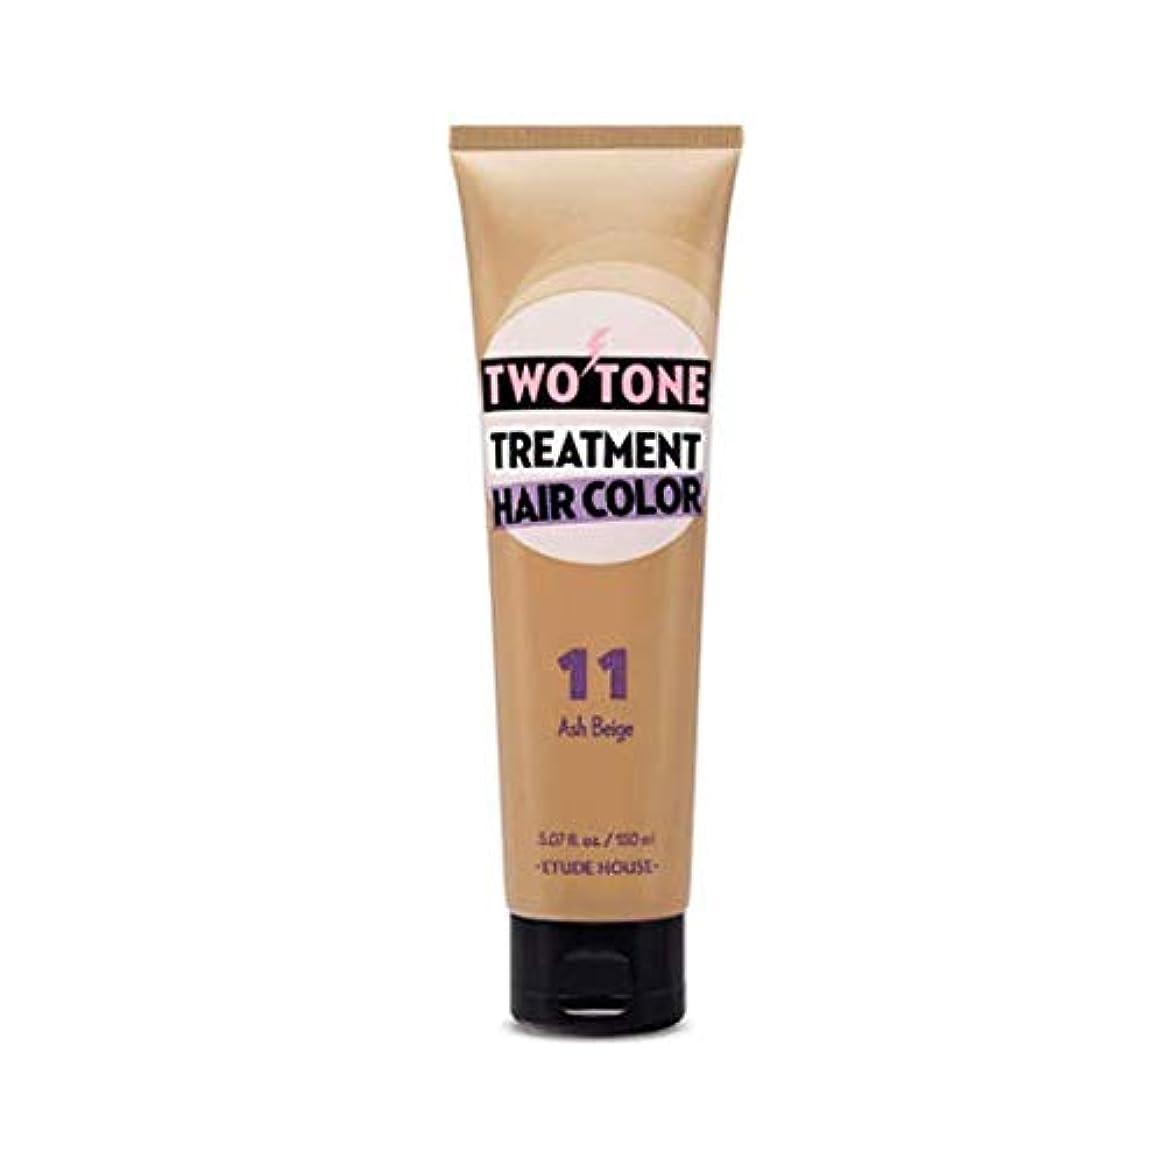 締め切り渦第二ETUDE HOUSE Two Tone Treatment Hair Color *11 Ash Beige/エチュードハウス ツートントリートメントヘアカラー150ml [並行輸入品]